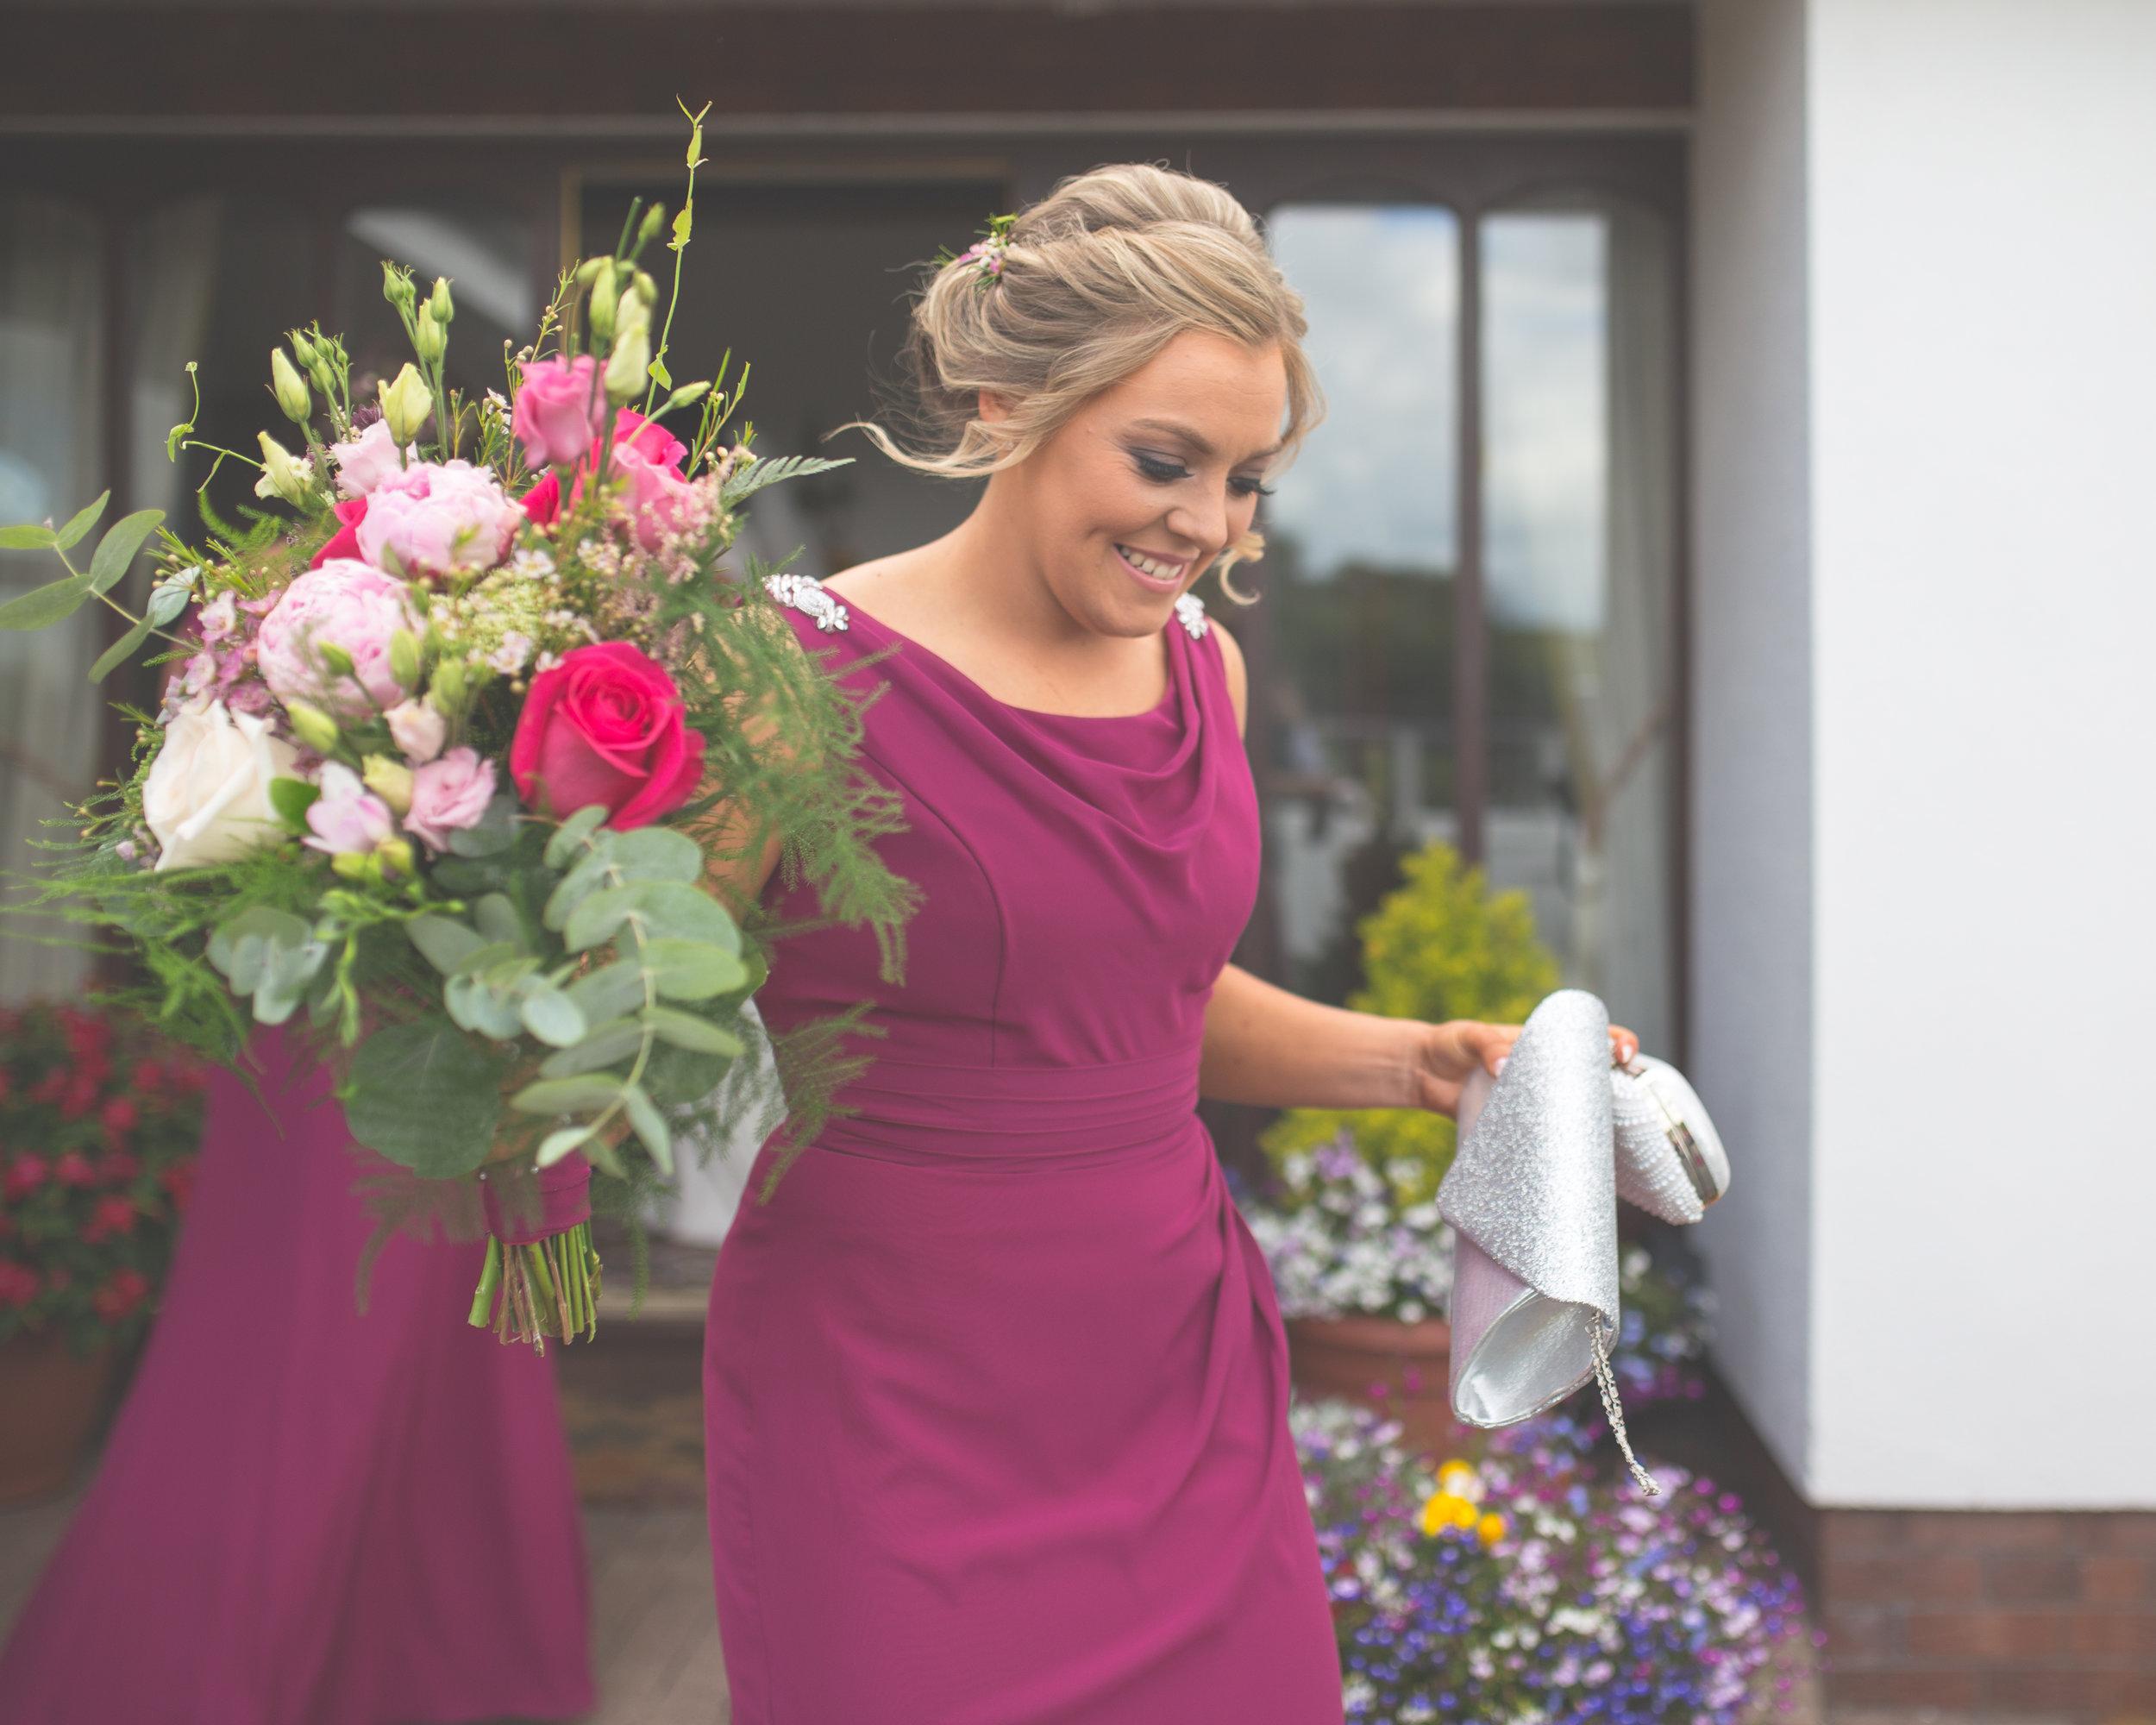 Brian McEwan Wedding Photography | Carol-Anne & Sean | Bridal Preparations-153.jpg